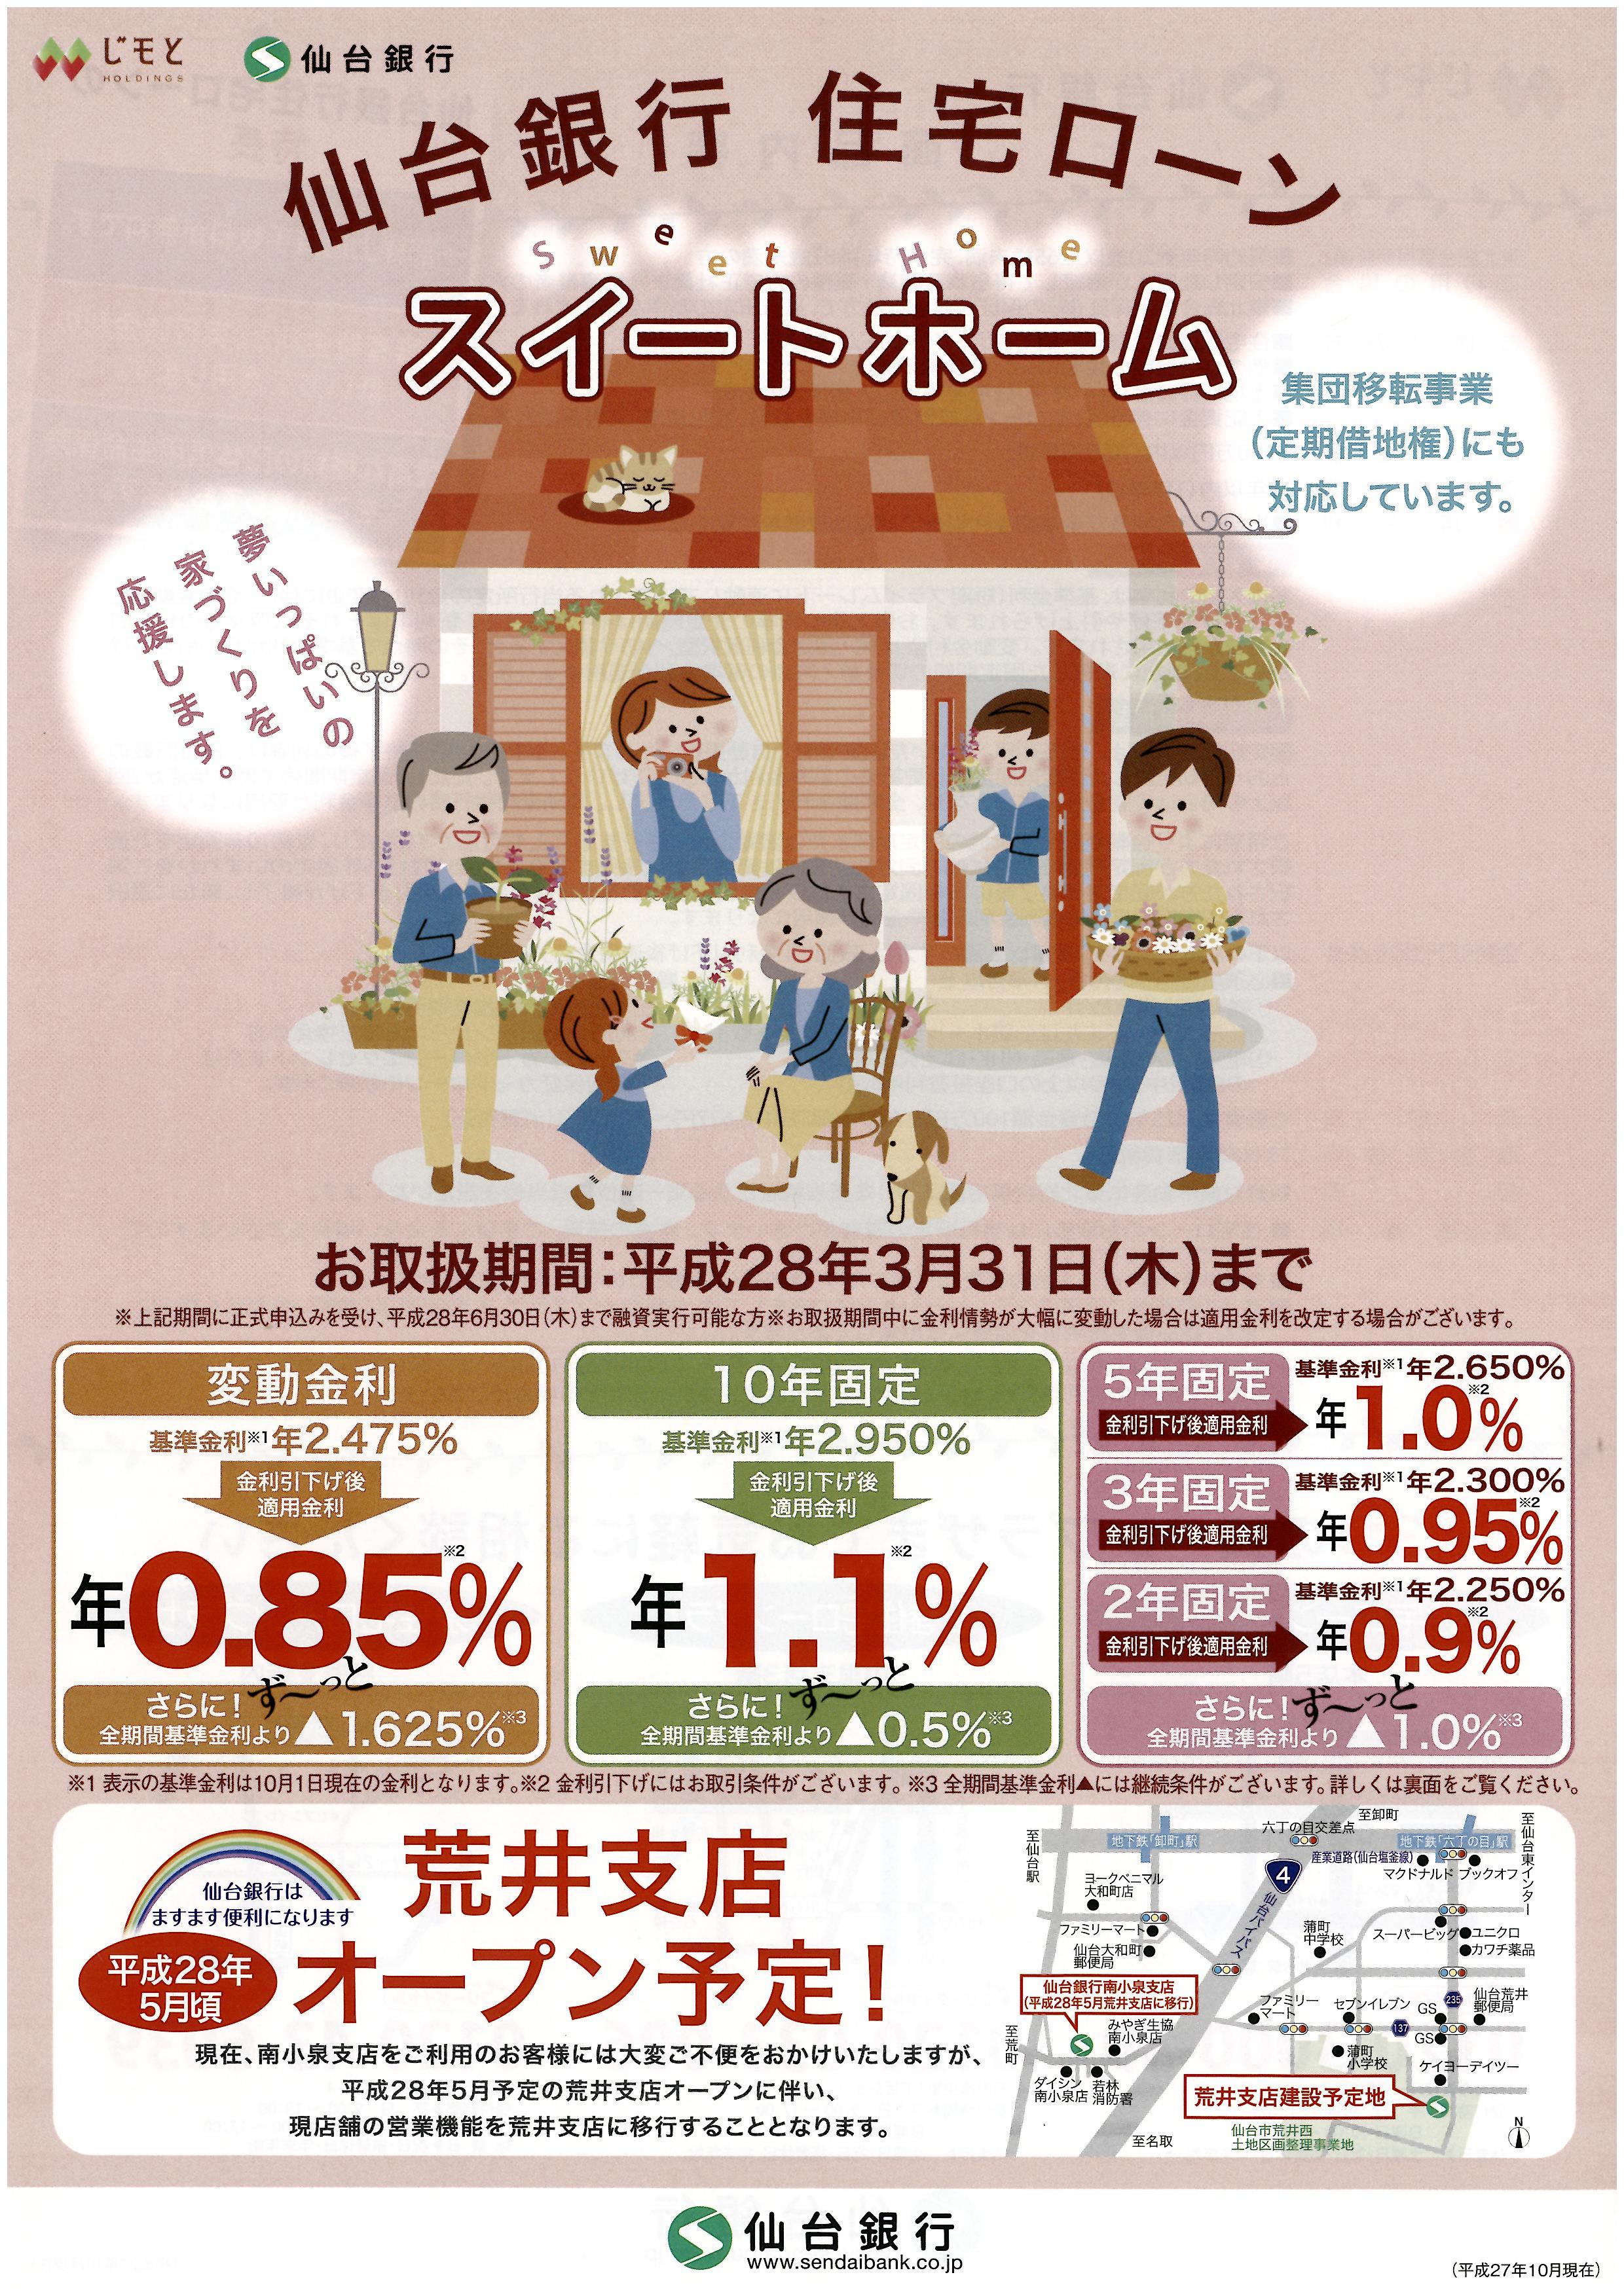 仙台銀行ローンチラシ